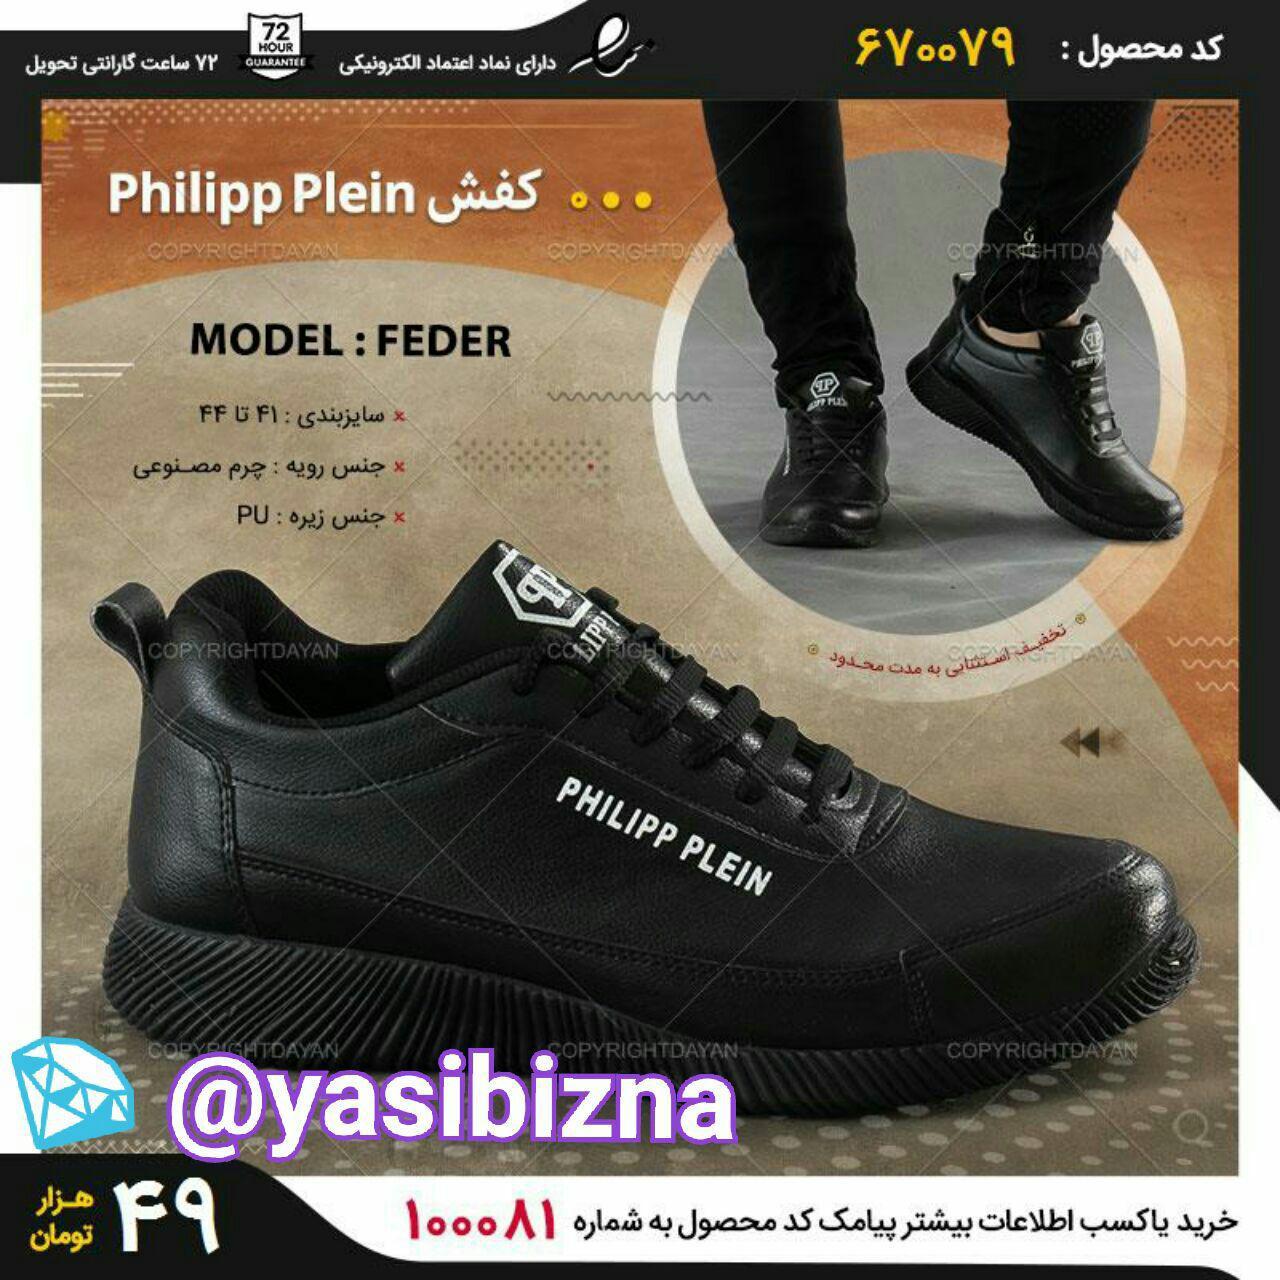 کفش مردانه Philipp Plein مدل Feder(مشکی)